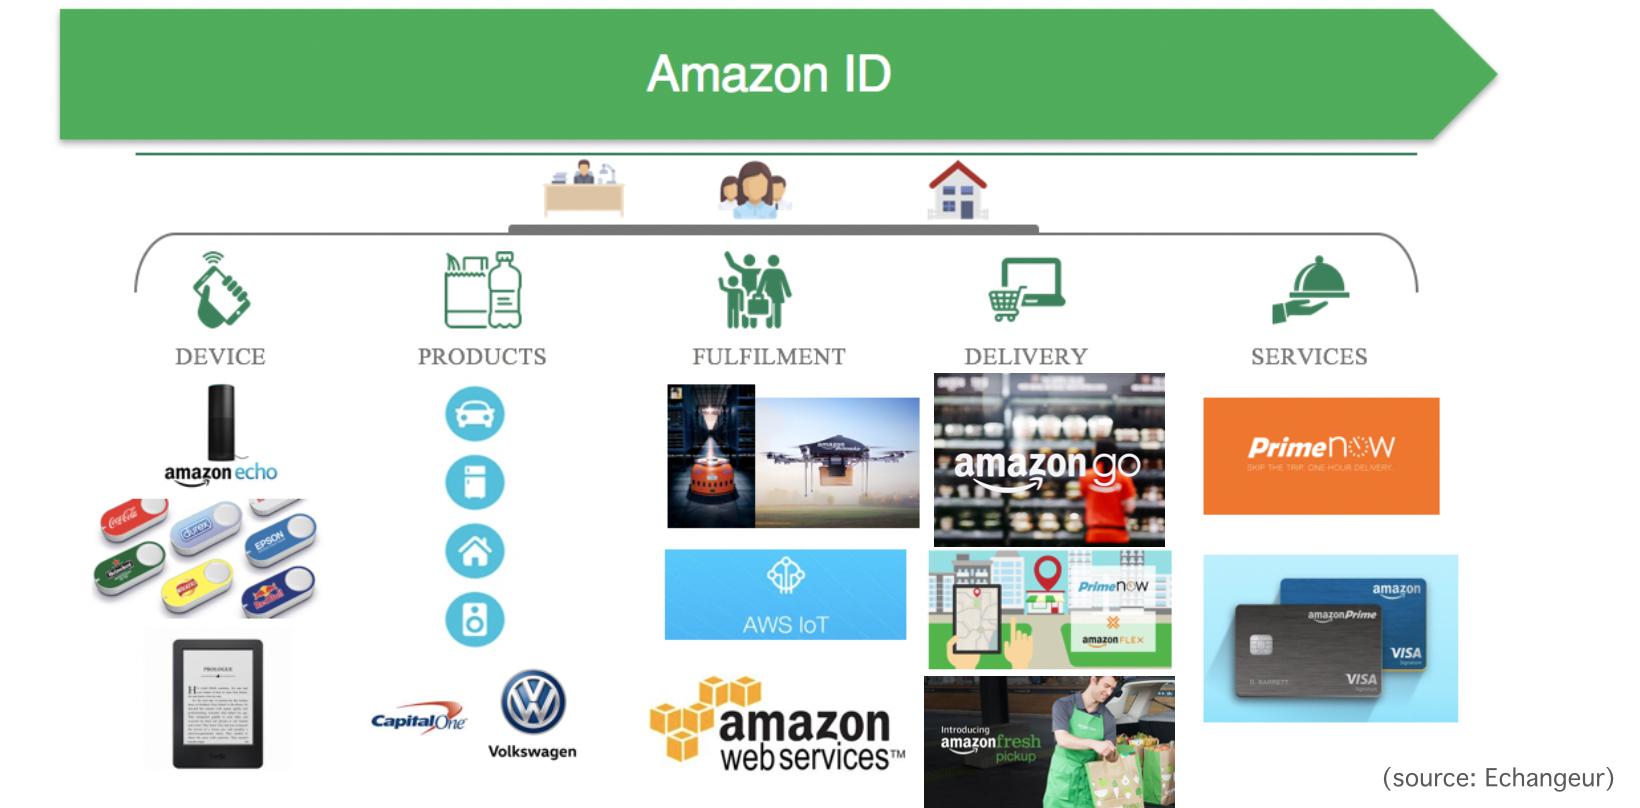 Amazon ID